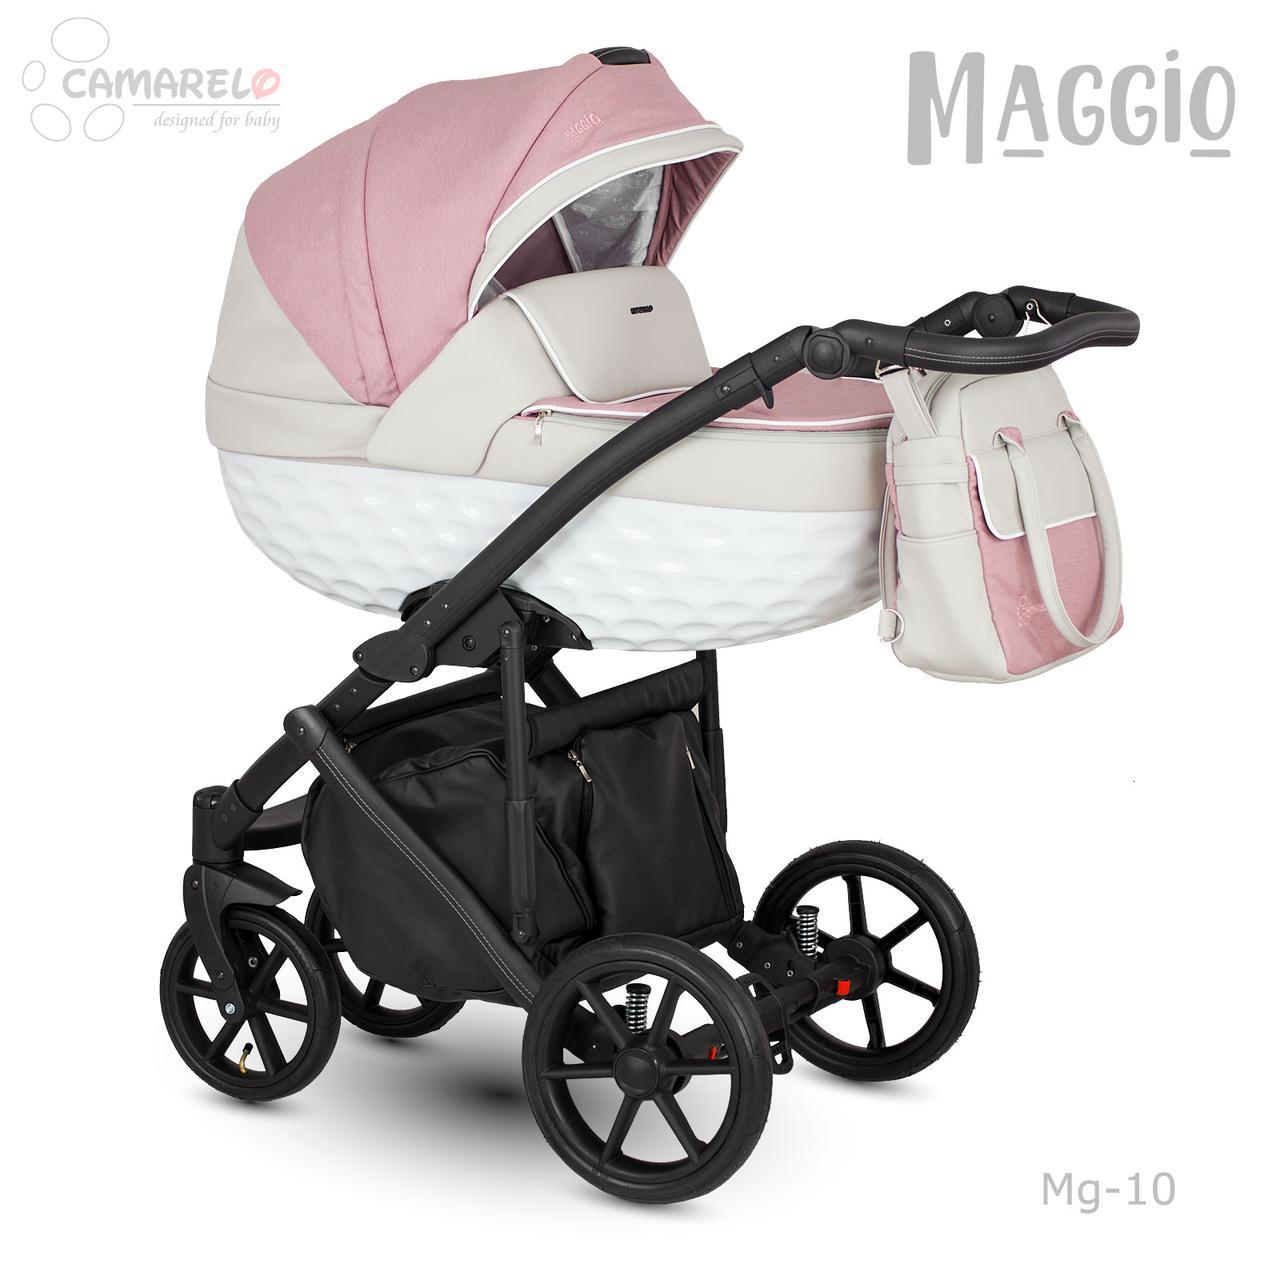 Детская универсальная коляска 2 в 1 Camarelo Maggio Mg-10